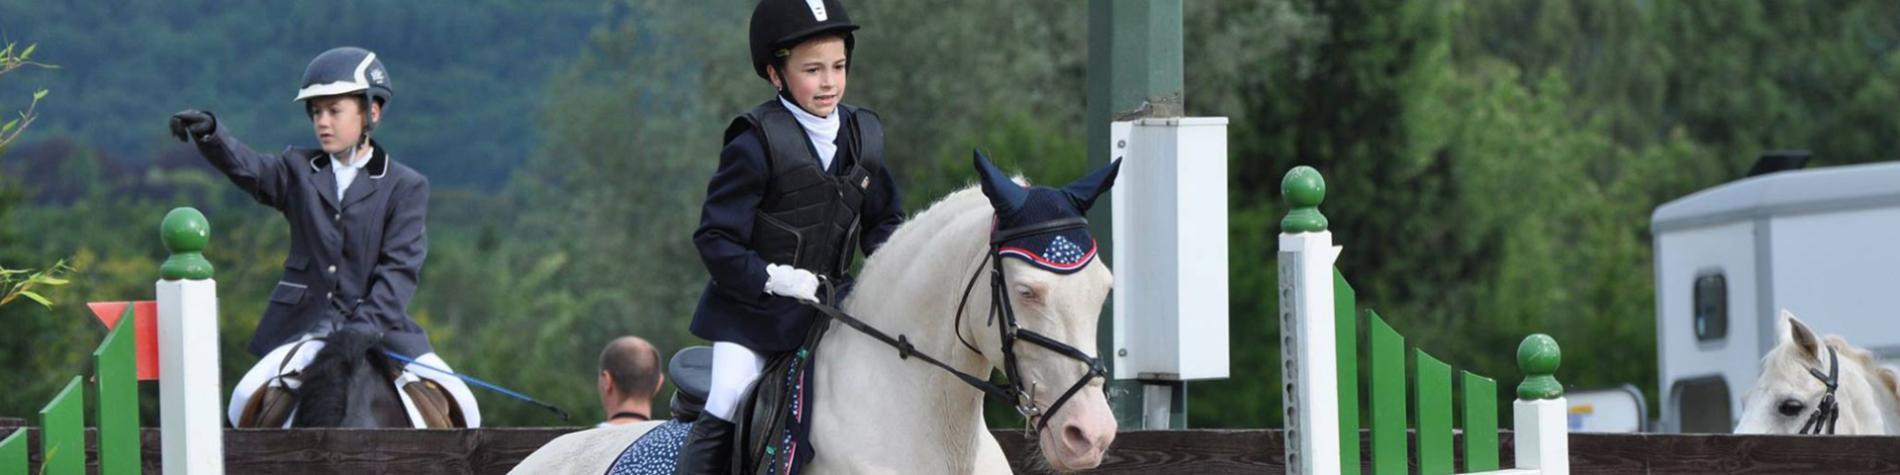 Cercle équestre - Transvaal - Spa - adultes et enfants